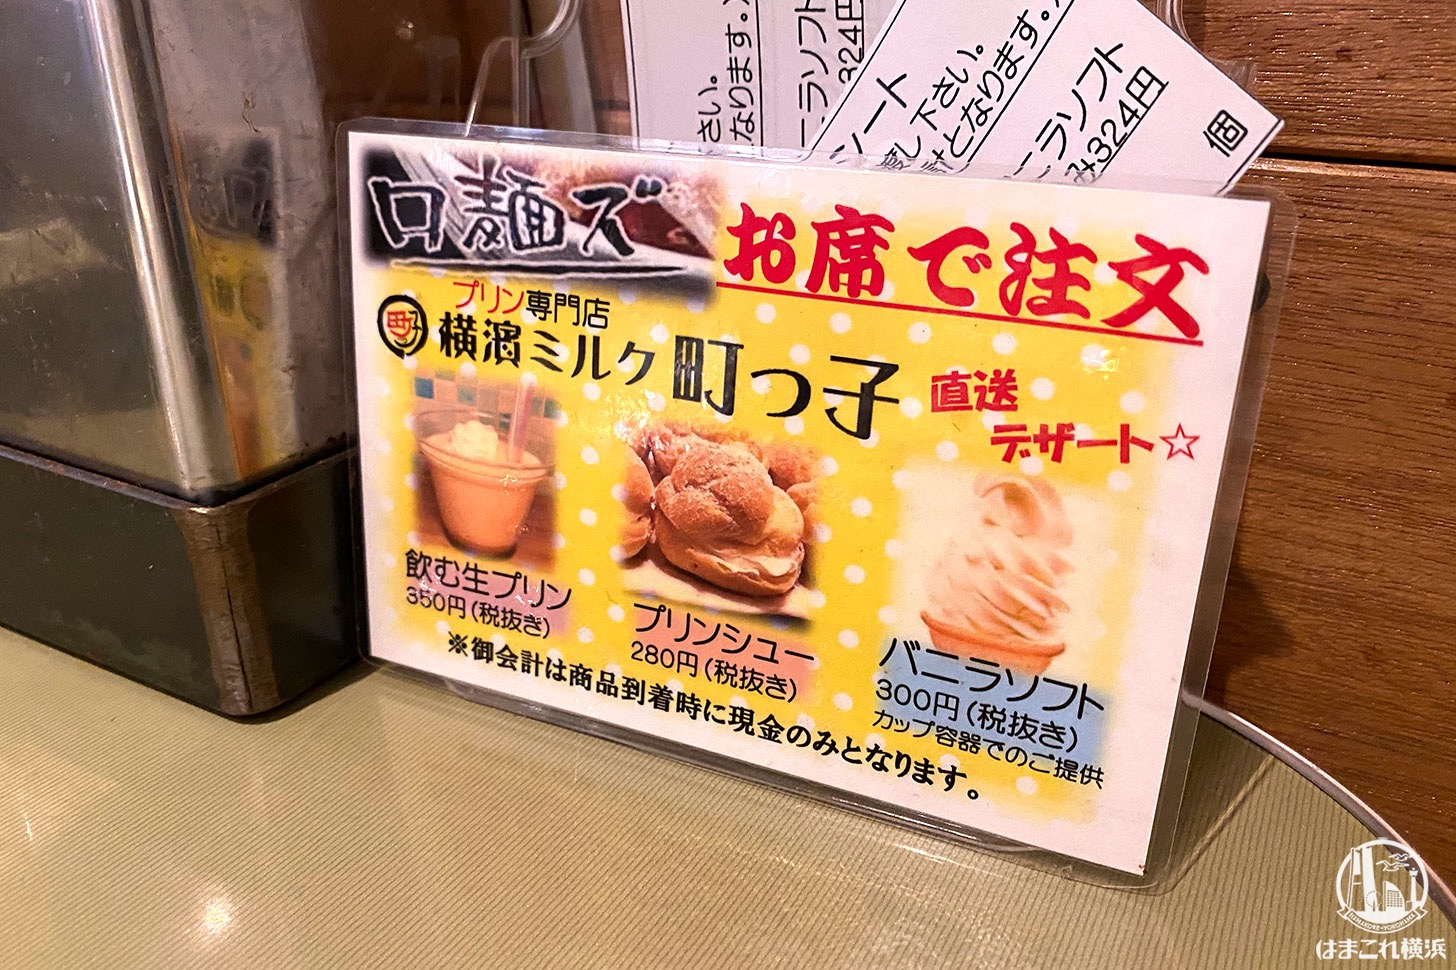 ロ麺ズ お席で注文 メニュー